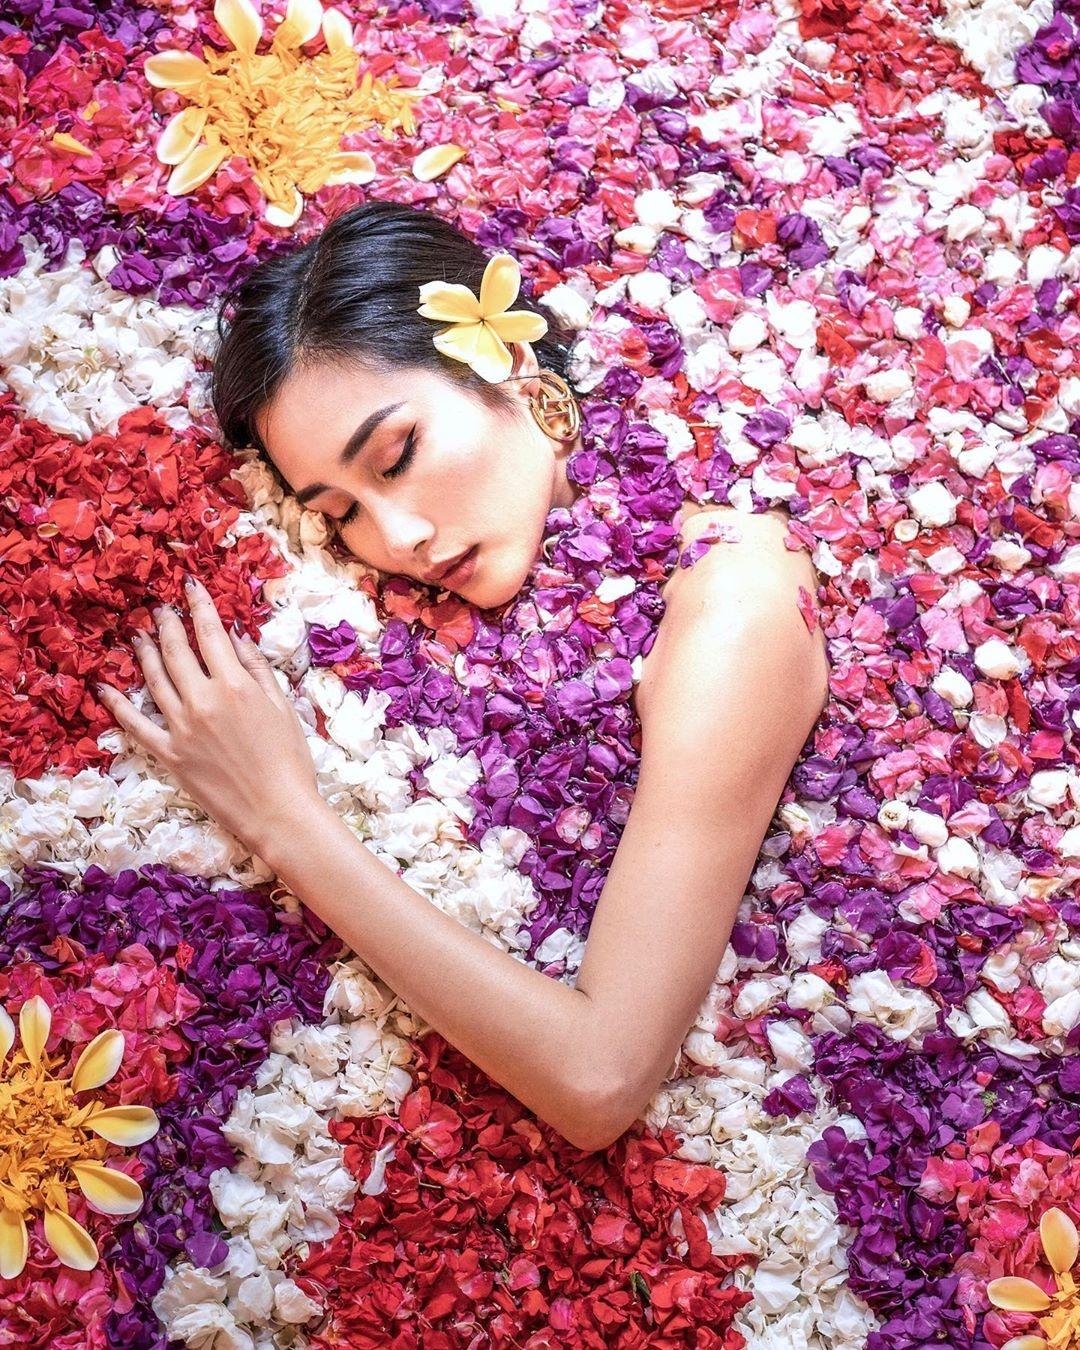 Nhung bon tam hoa tuyet my cho cac cap doi o Bali hinh anh 20 67600051_391775731530762_8807364349319035320_n.jpg